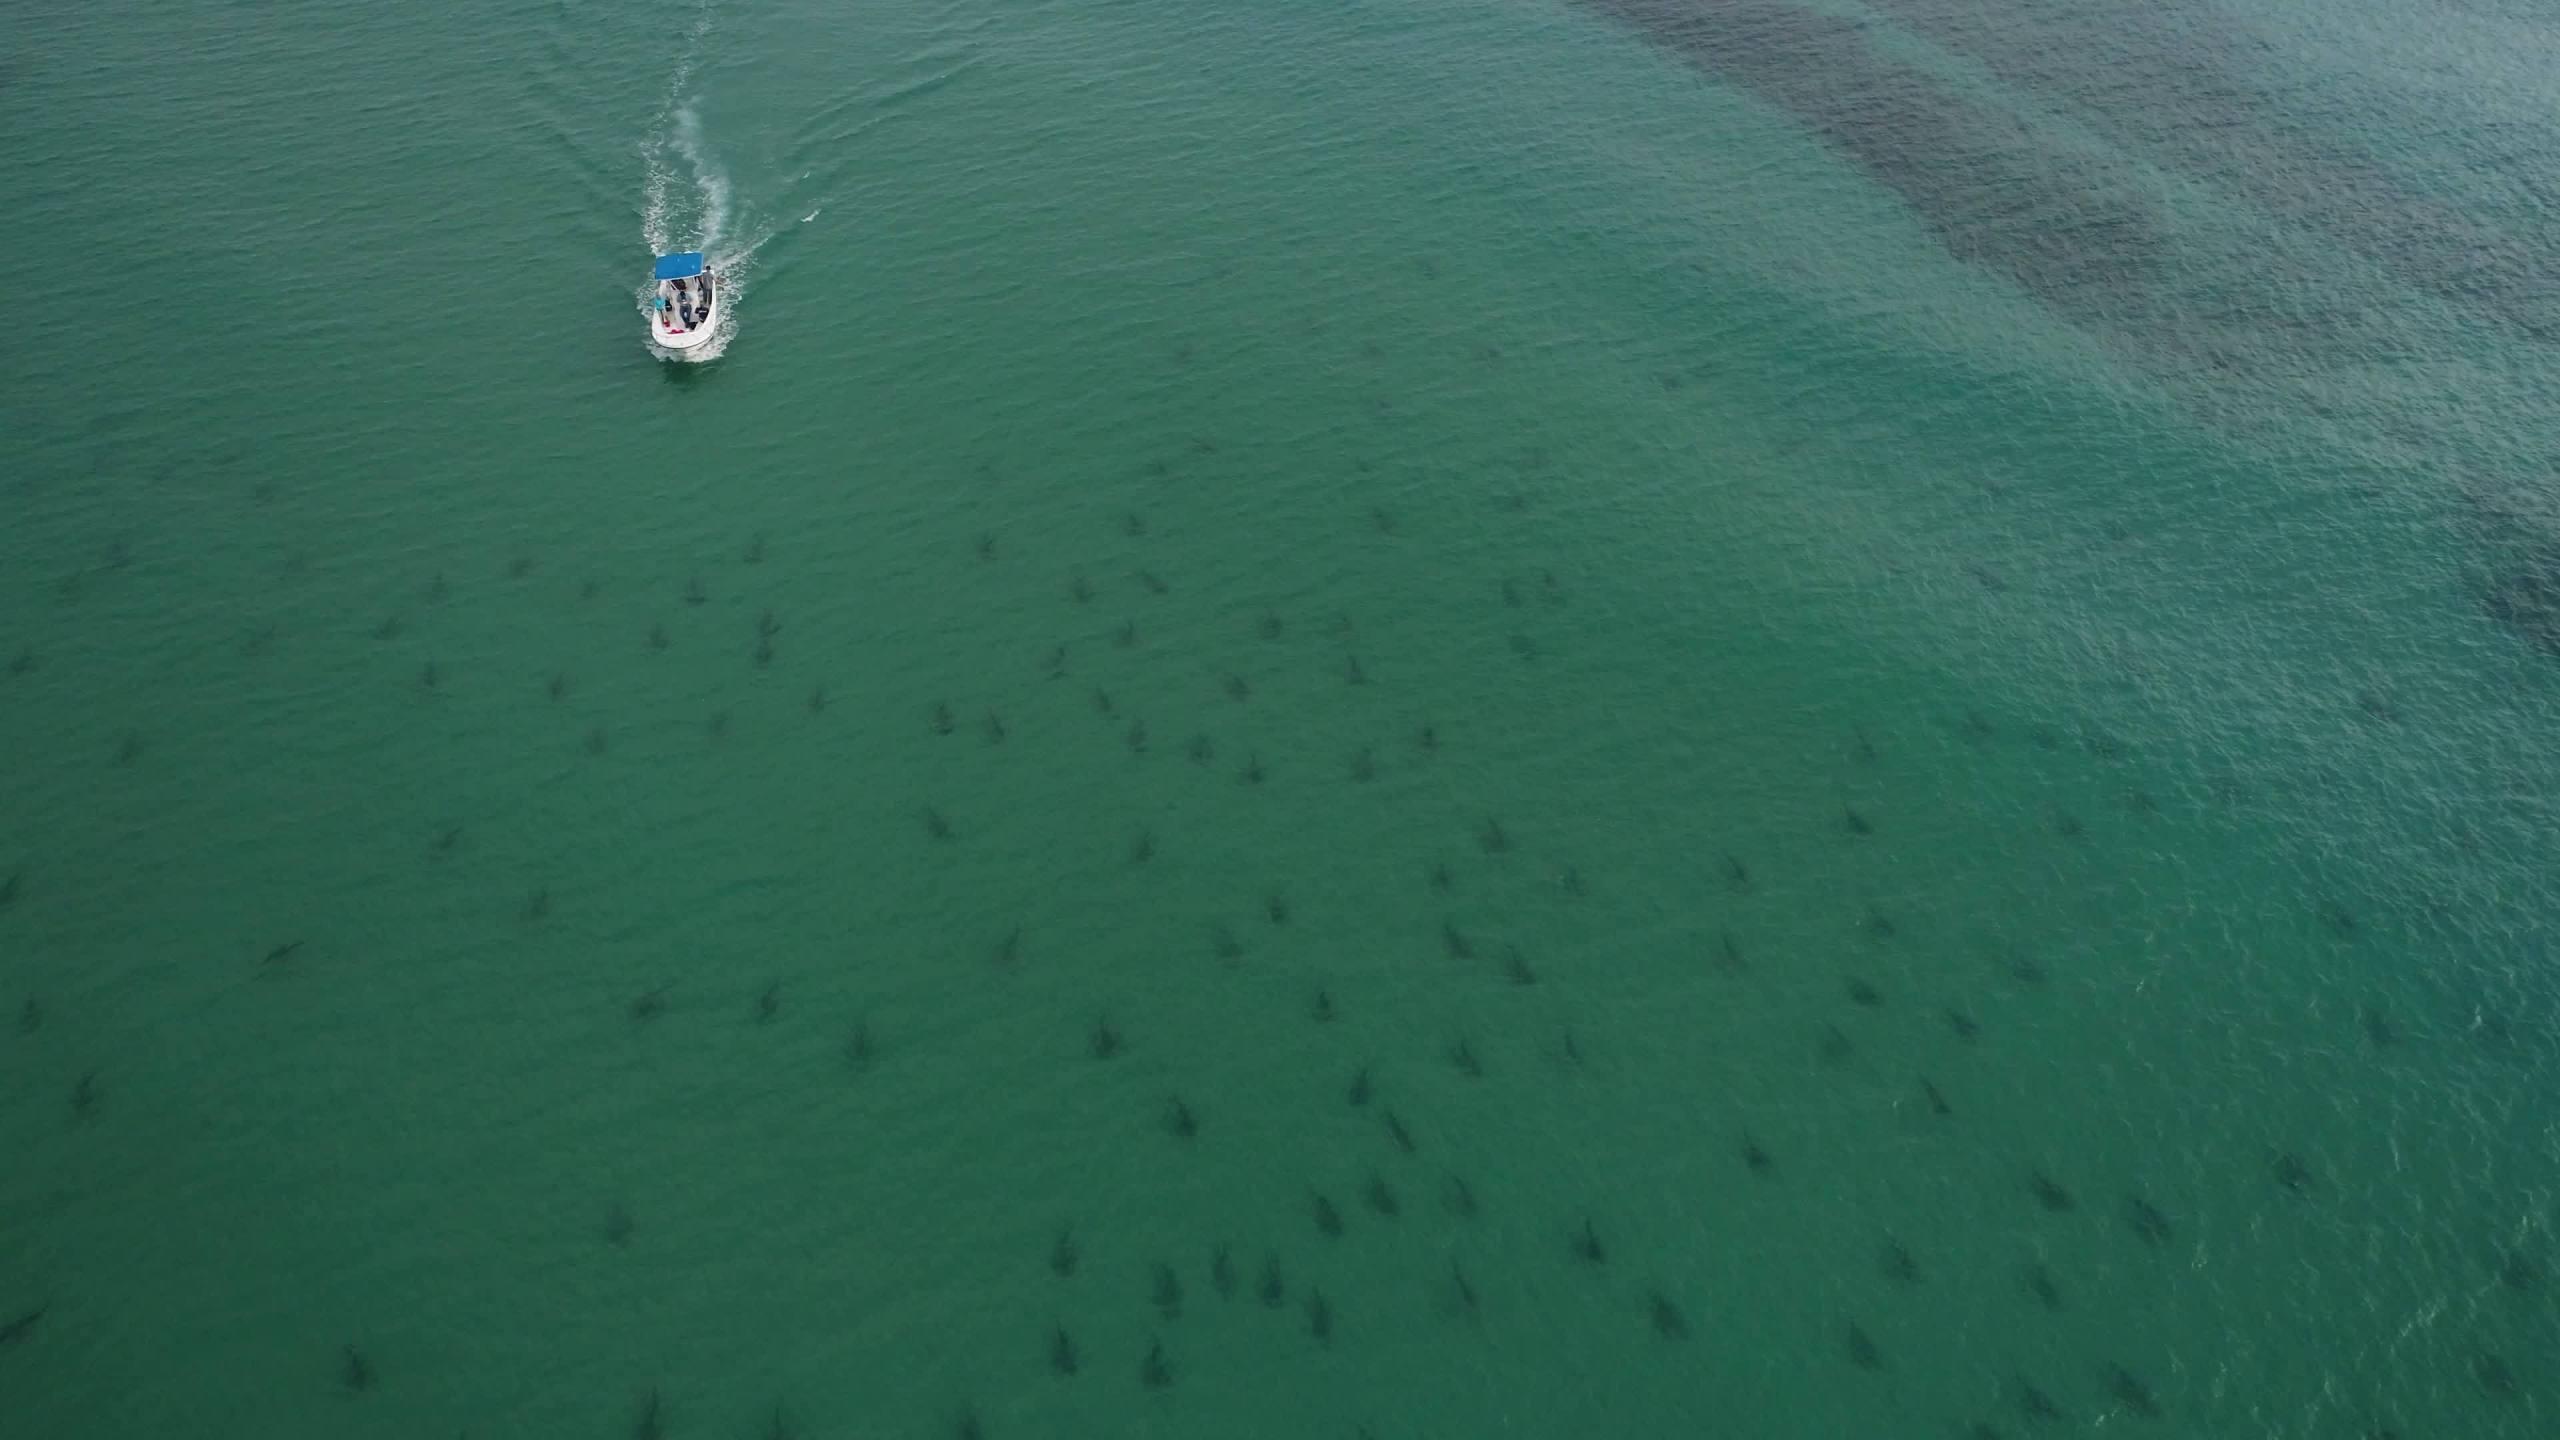 VIDEO: Shark migration caught on camera